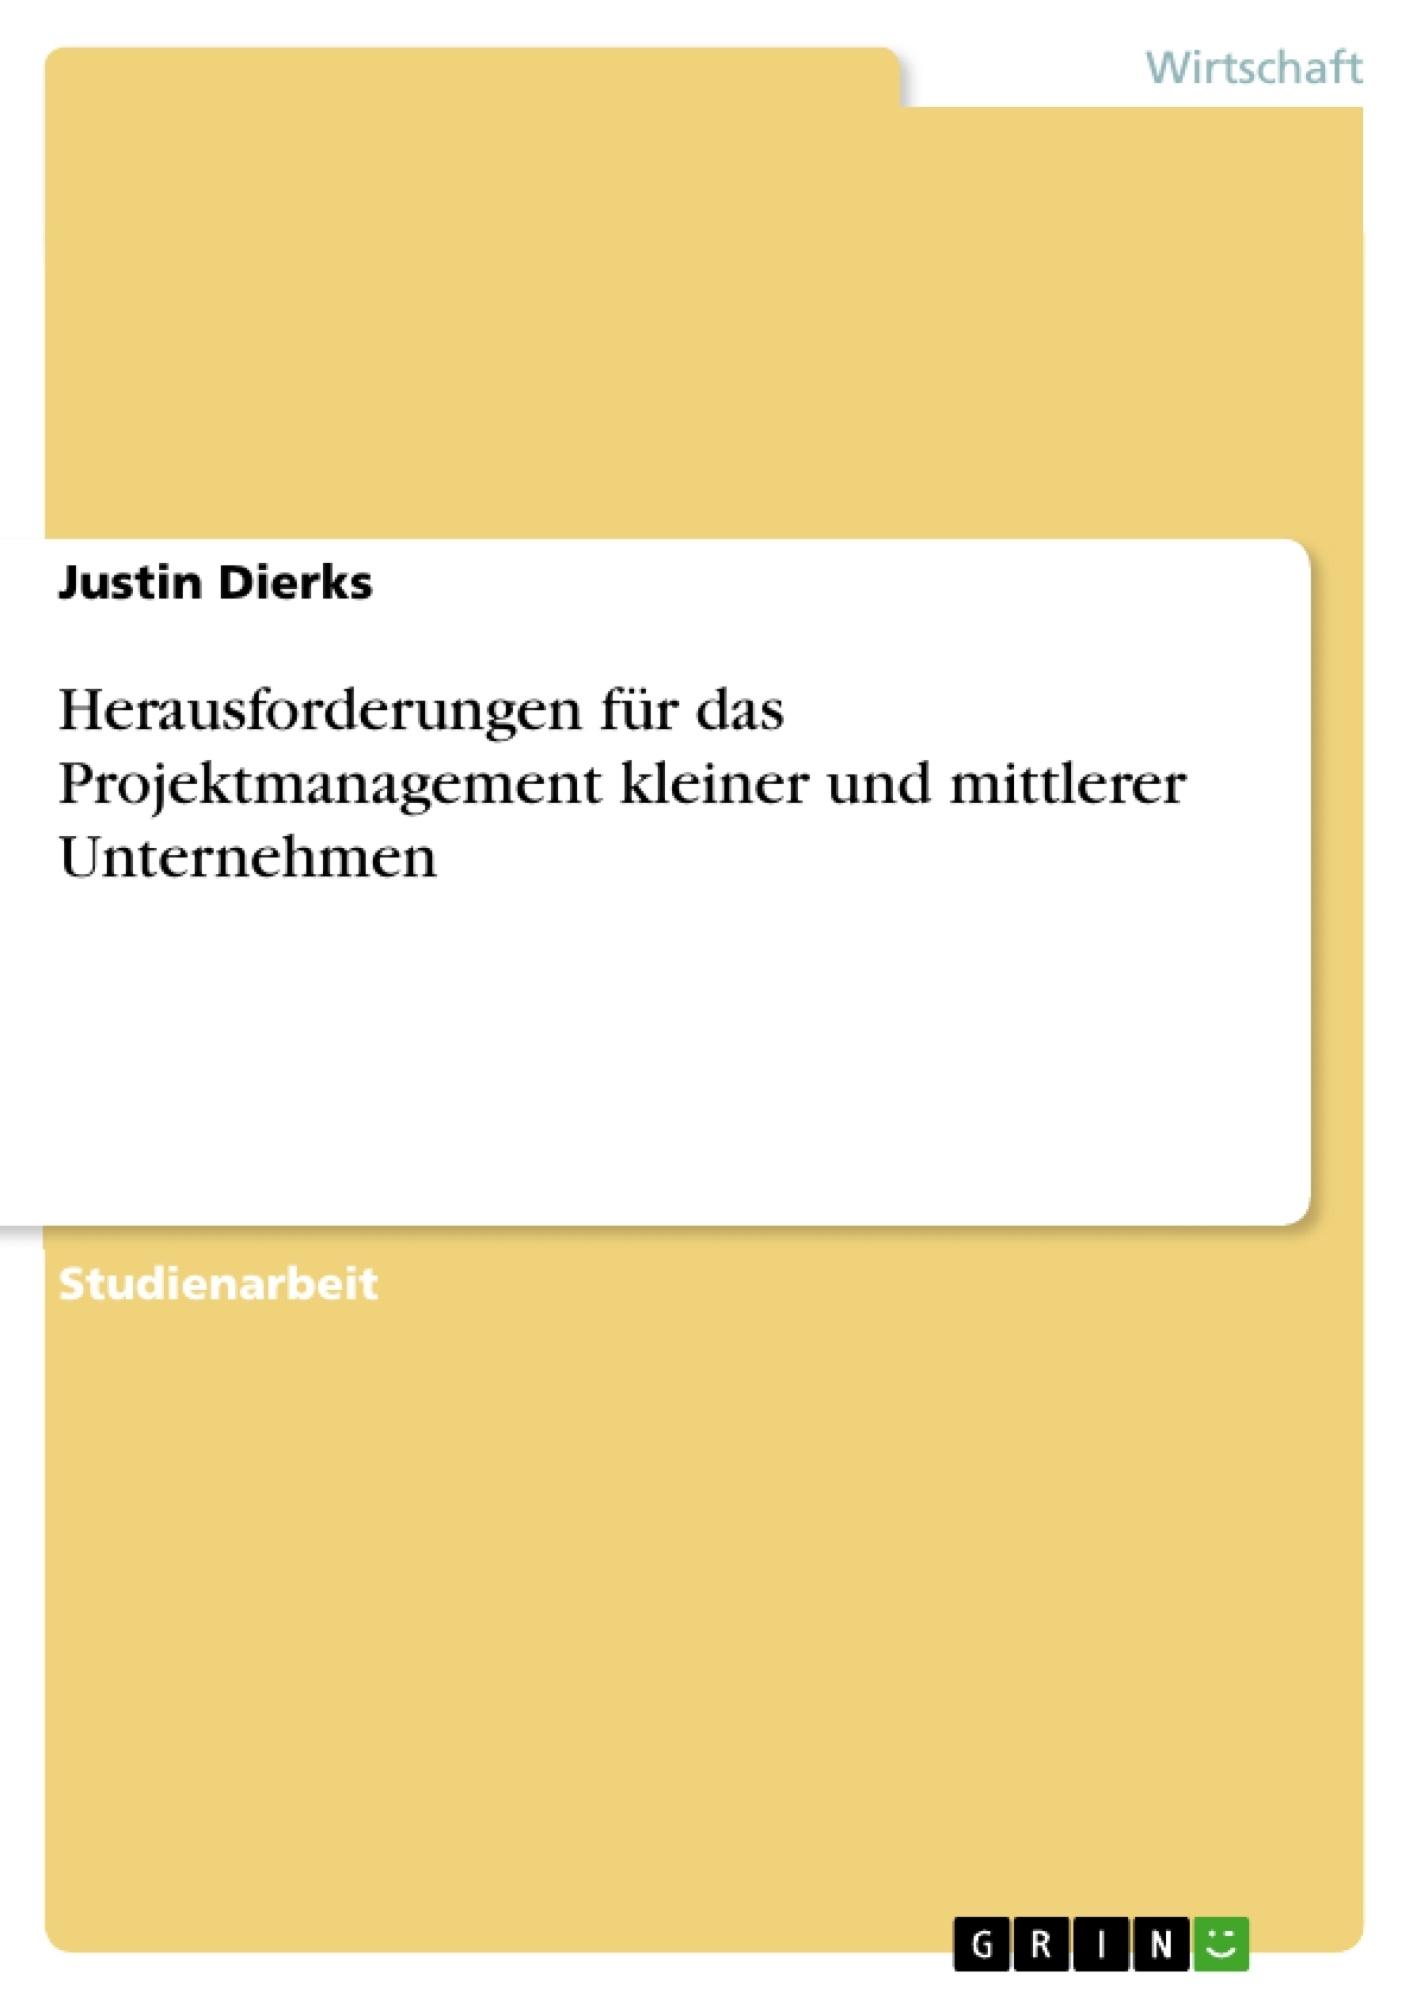 Titel: Herausforderungen für das Projektmanagement kleiner und mittlerer Unternehmen